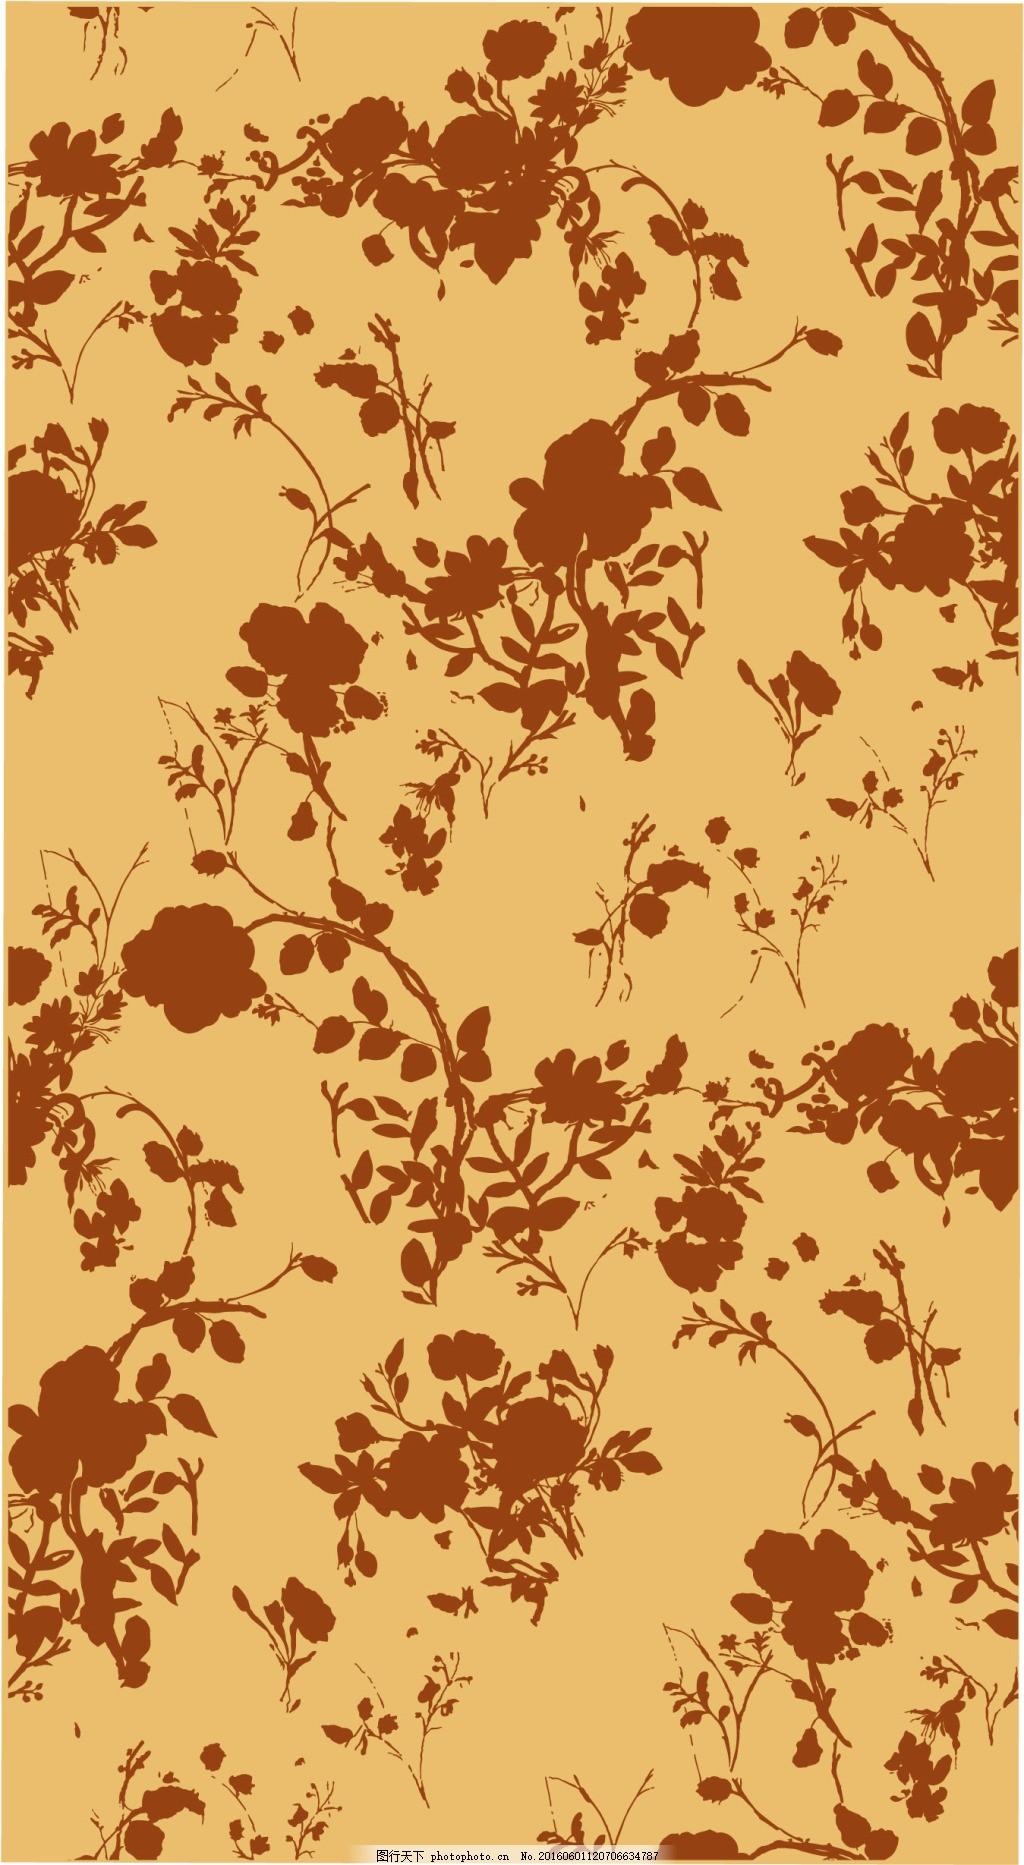 斑驳花草图案复古风图案